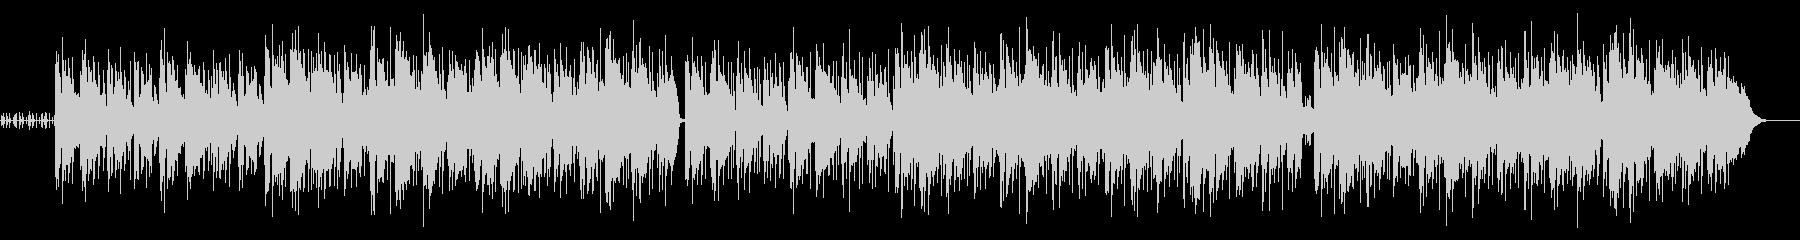 Lofi ビートゆったりしたピアノ の未再生の波形